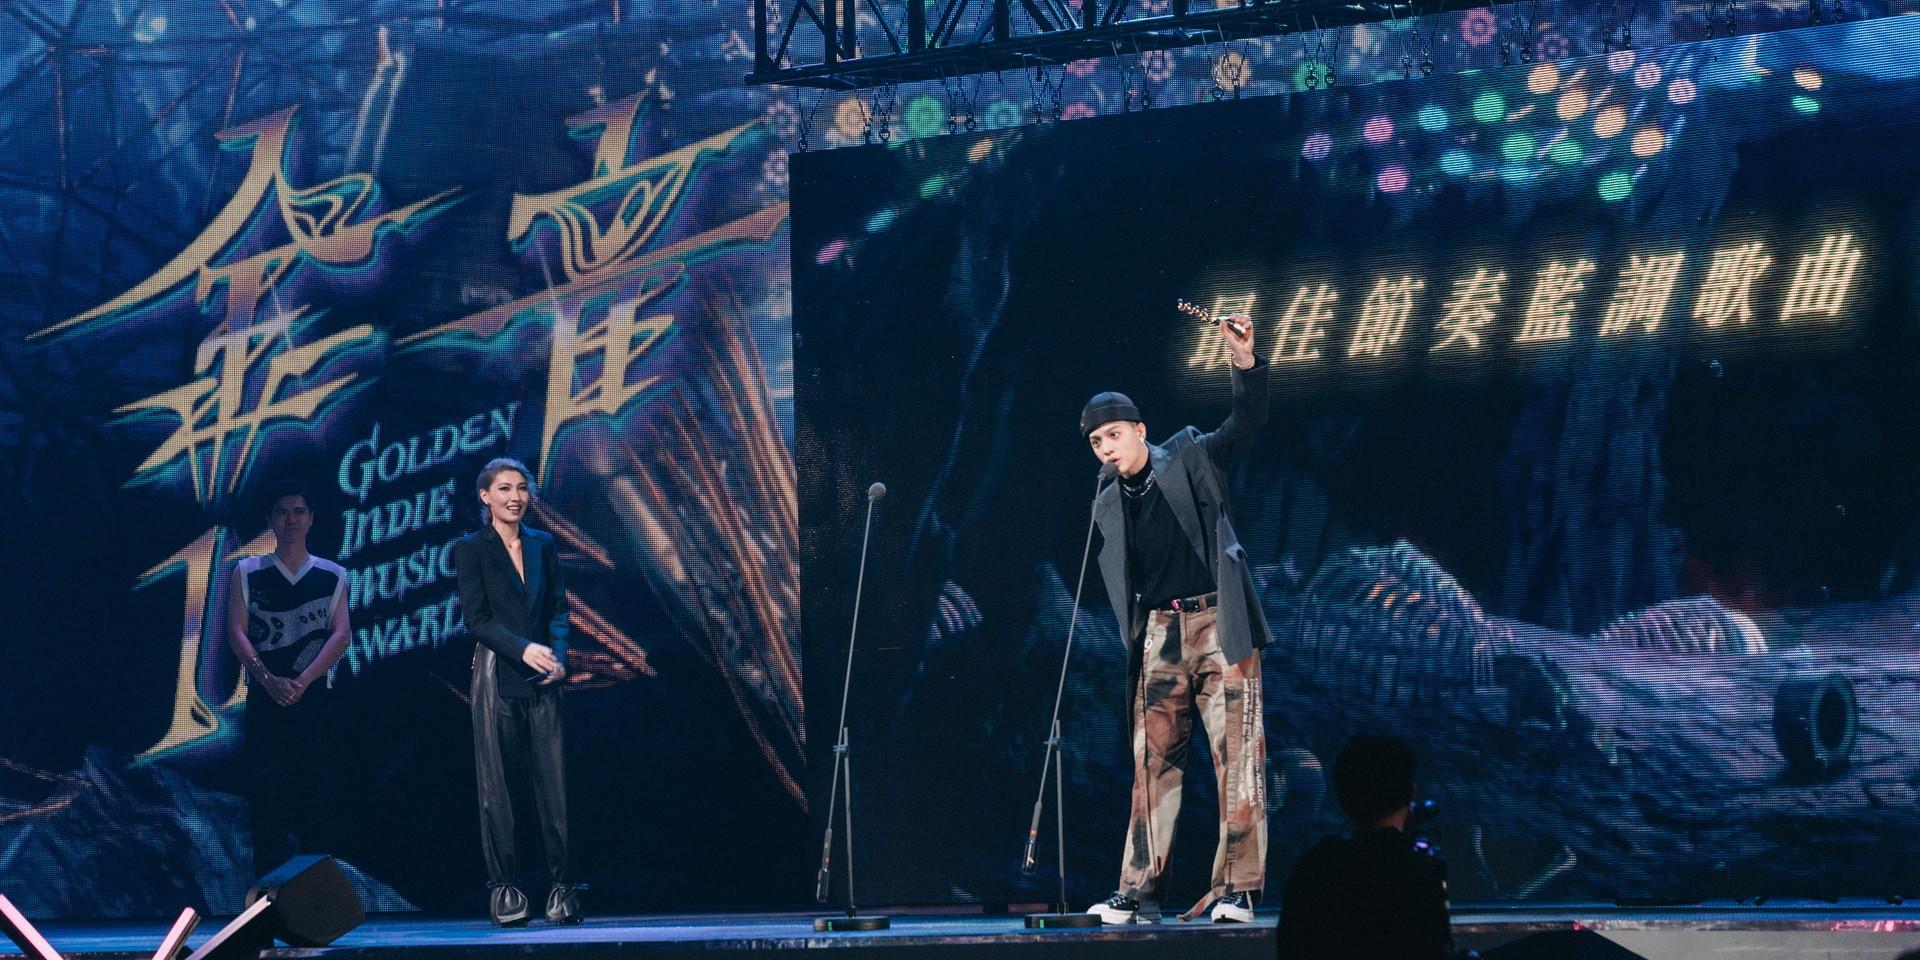 【2020金音奖】主持人阿爆气势爆棚拿下最佳专辑,J.Sheon夺3奖成最大赢家